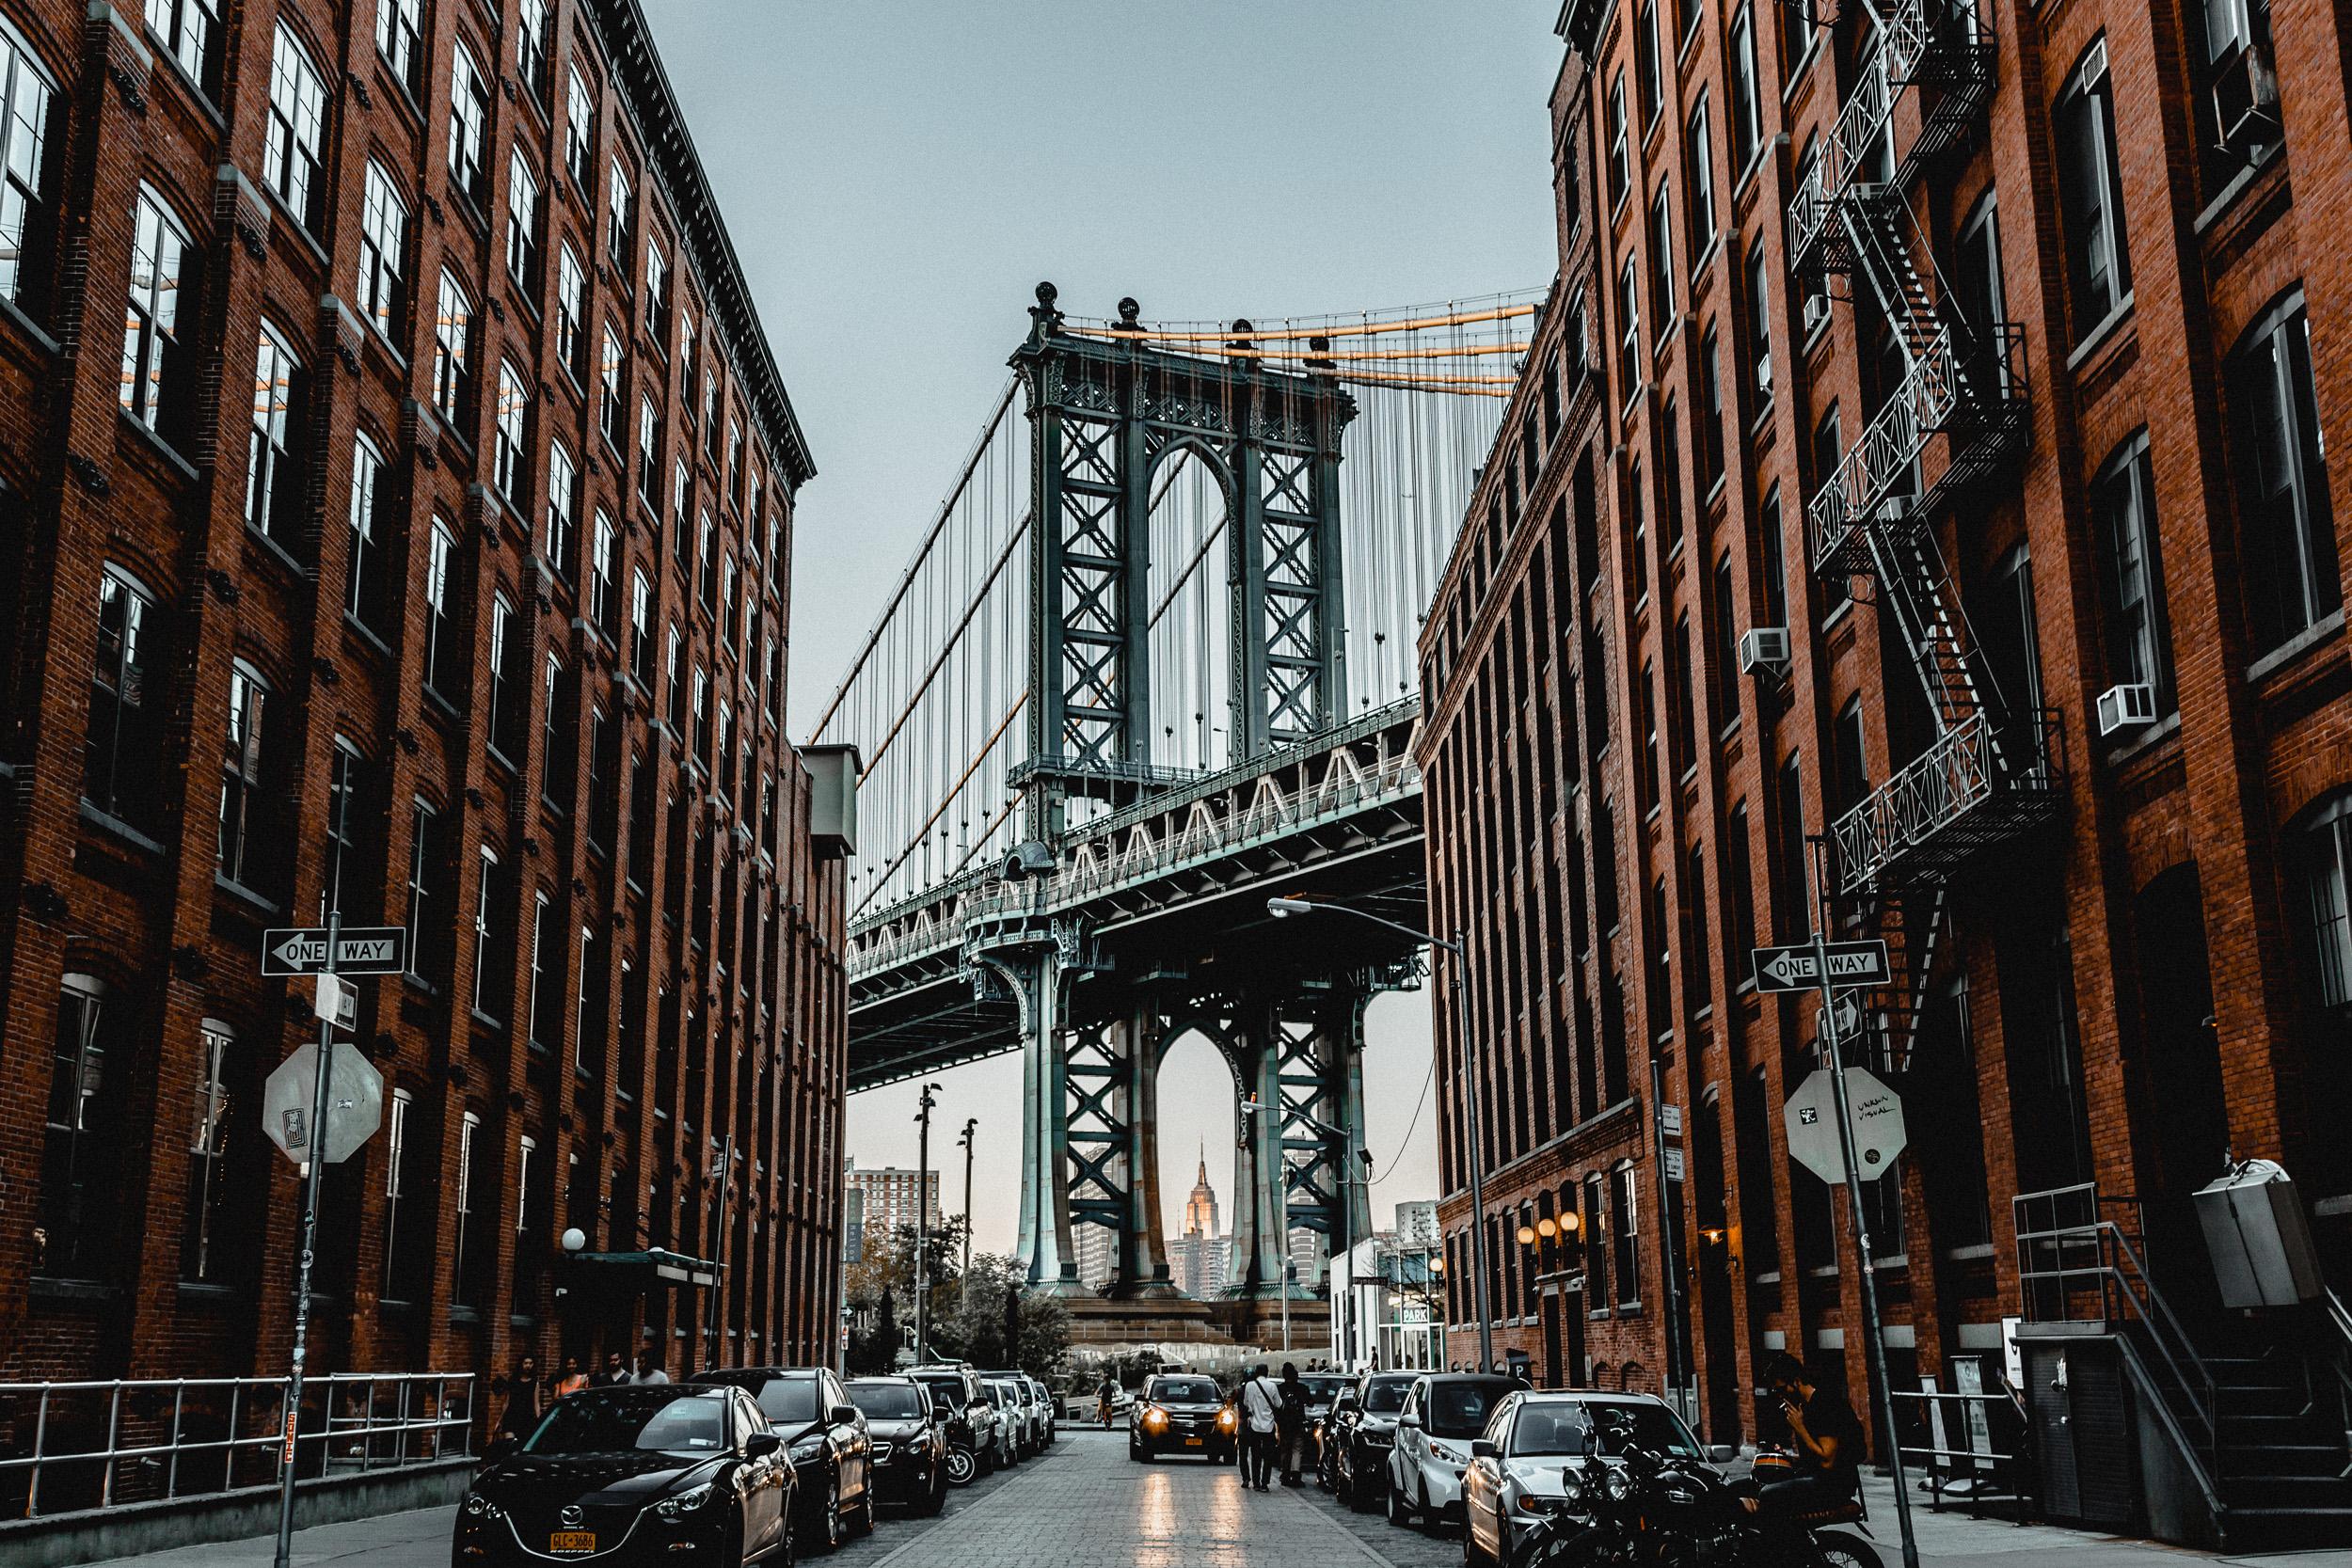 12-nyc-dumbo-manhattan-bridge-new-york-city-anna-elina-lahti-photographer.jpg